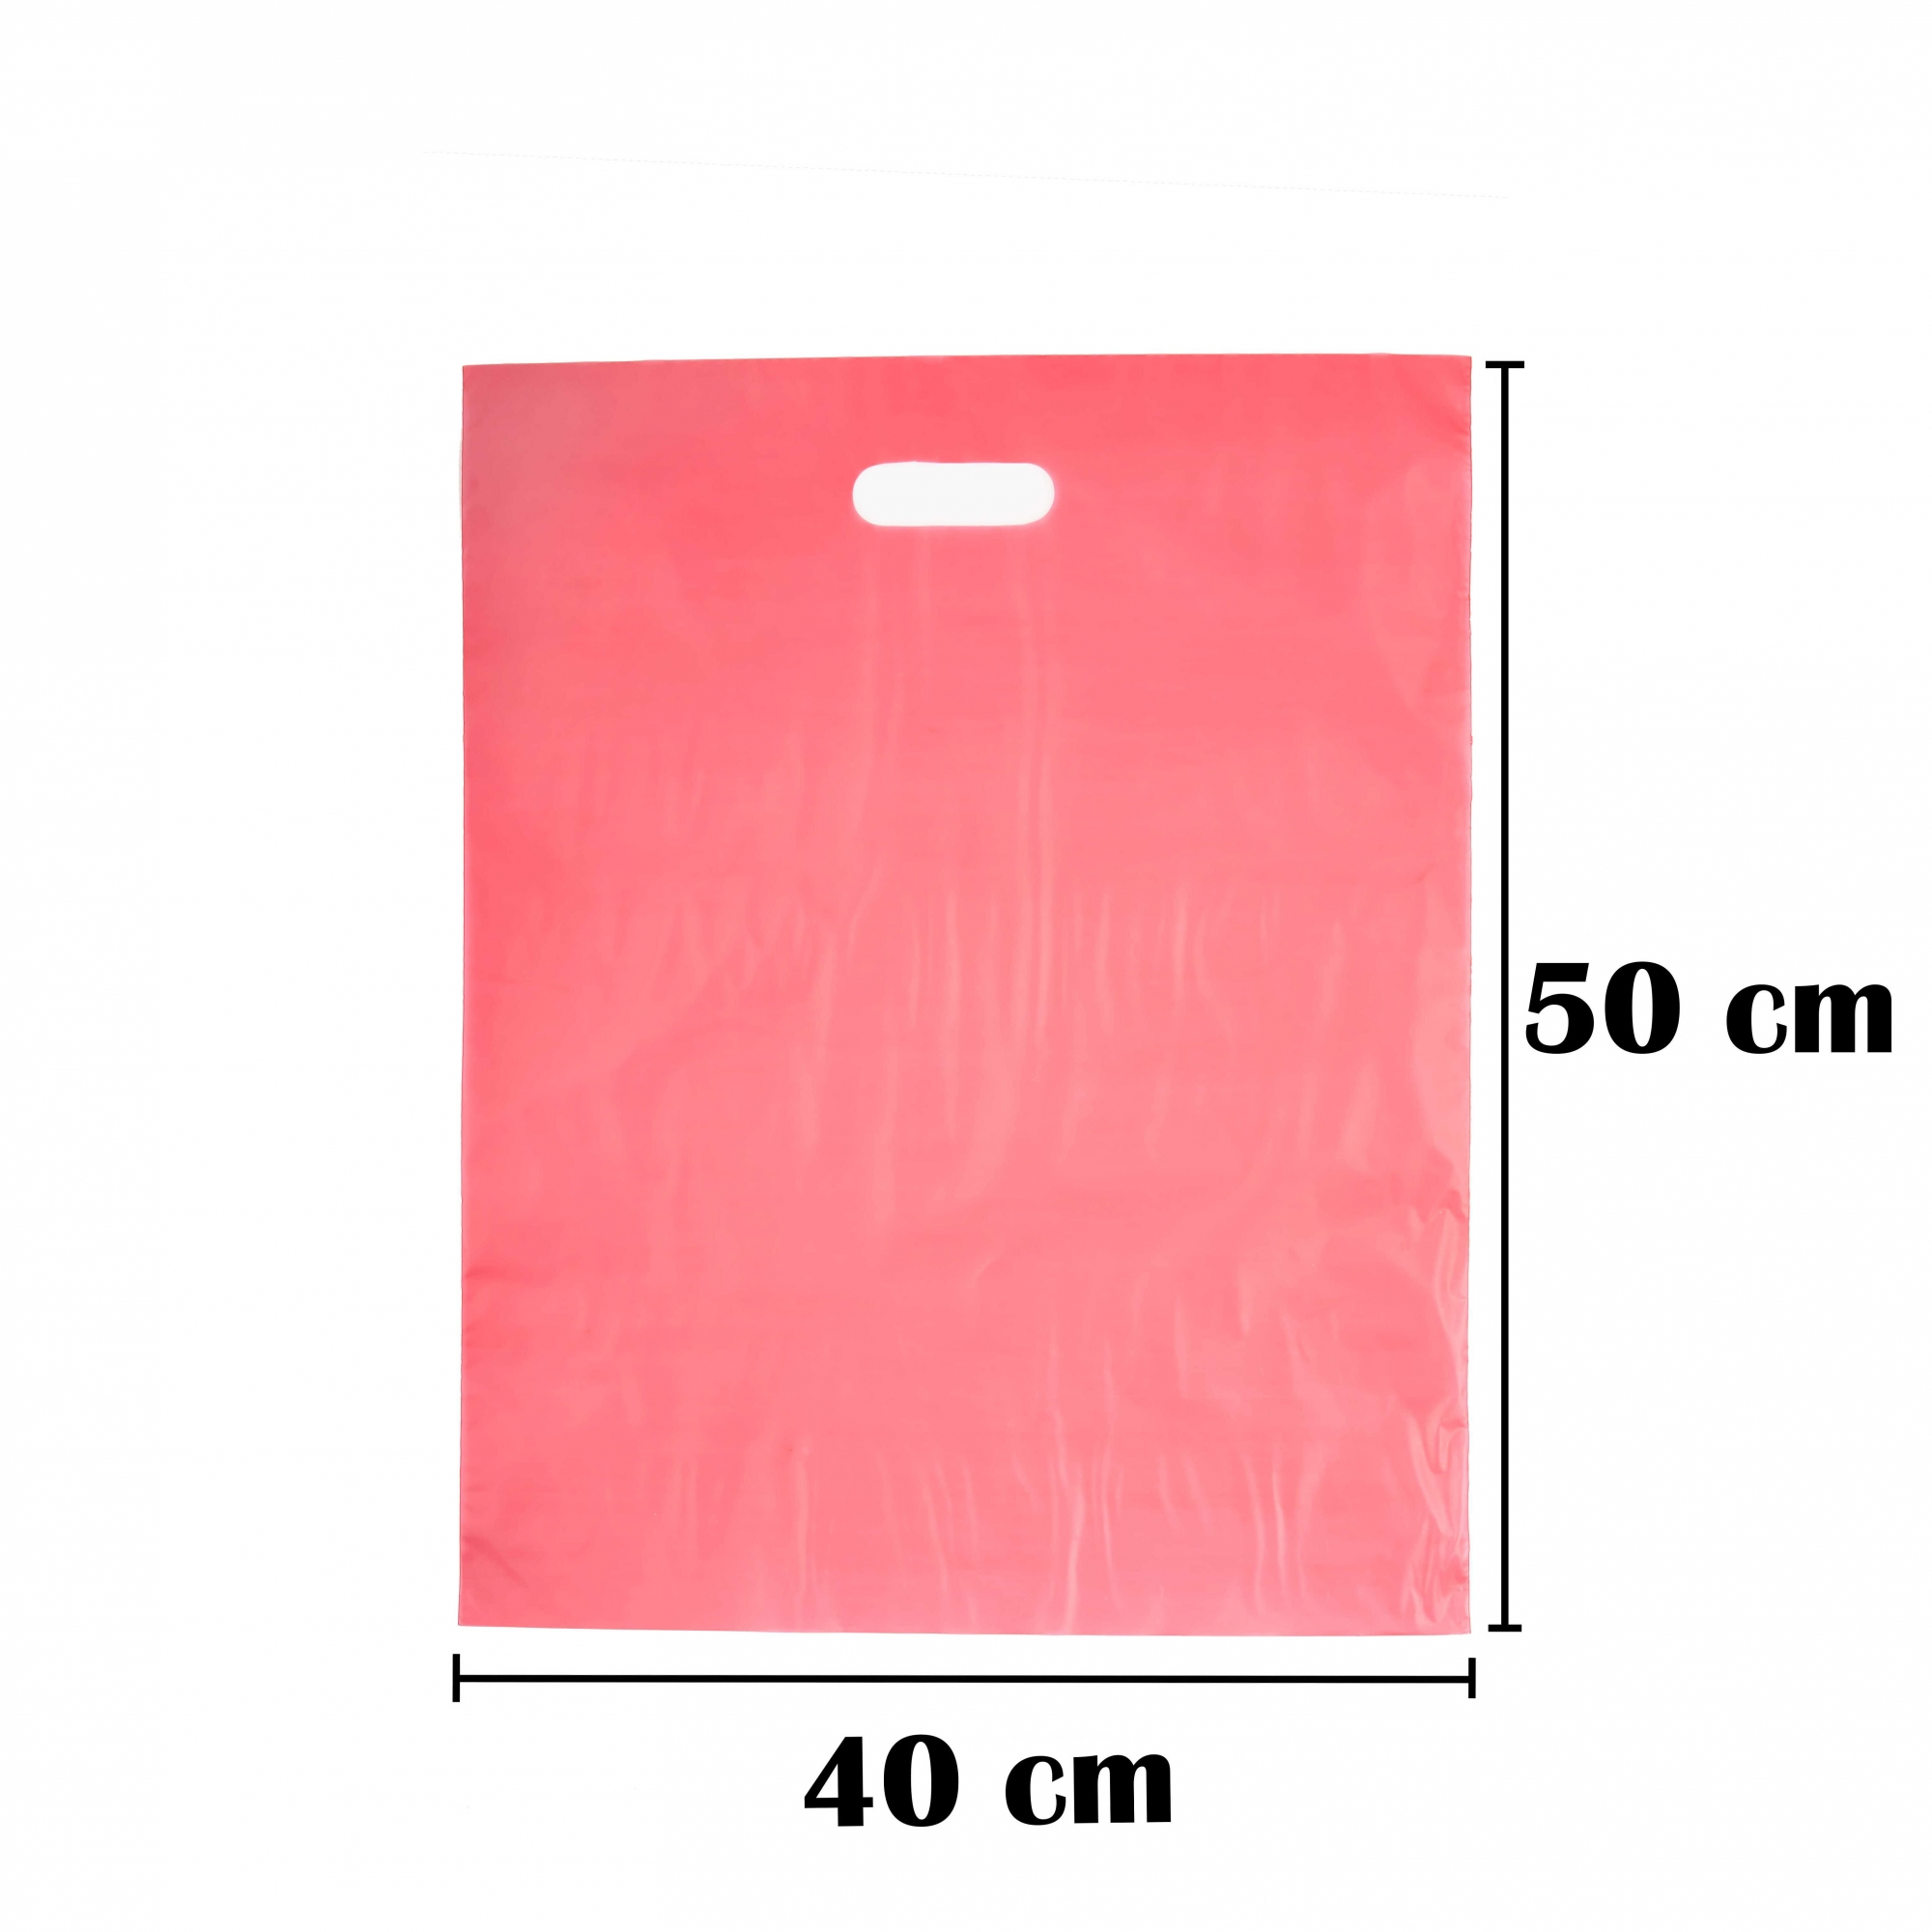 Sacola Plástica 40x50 Vermelha Alça Boca de Palhaço 1.000 Unidades